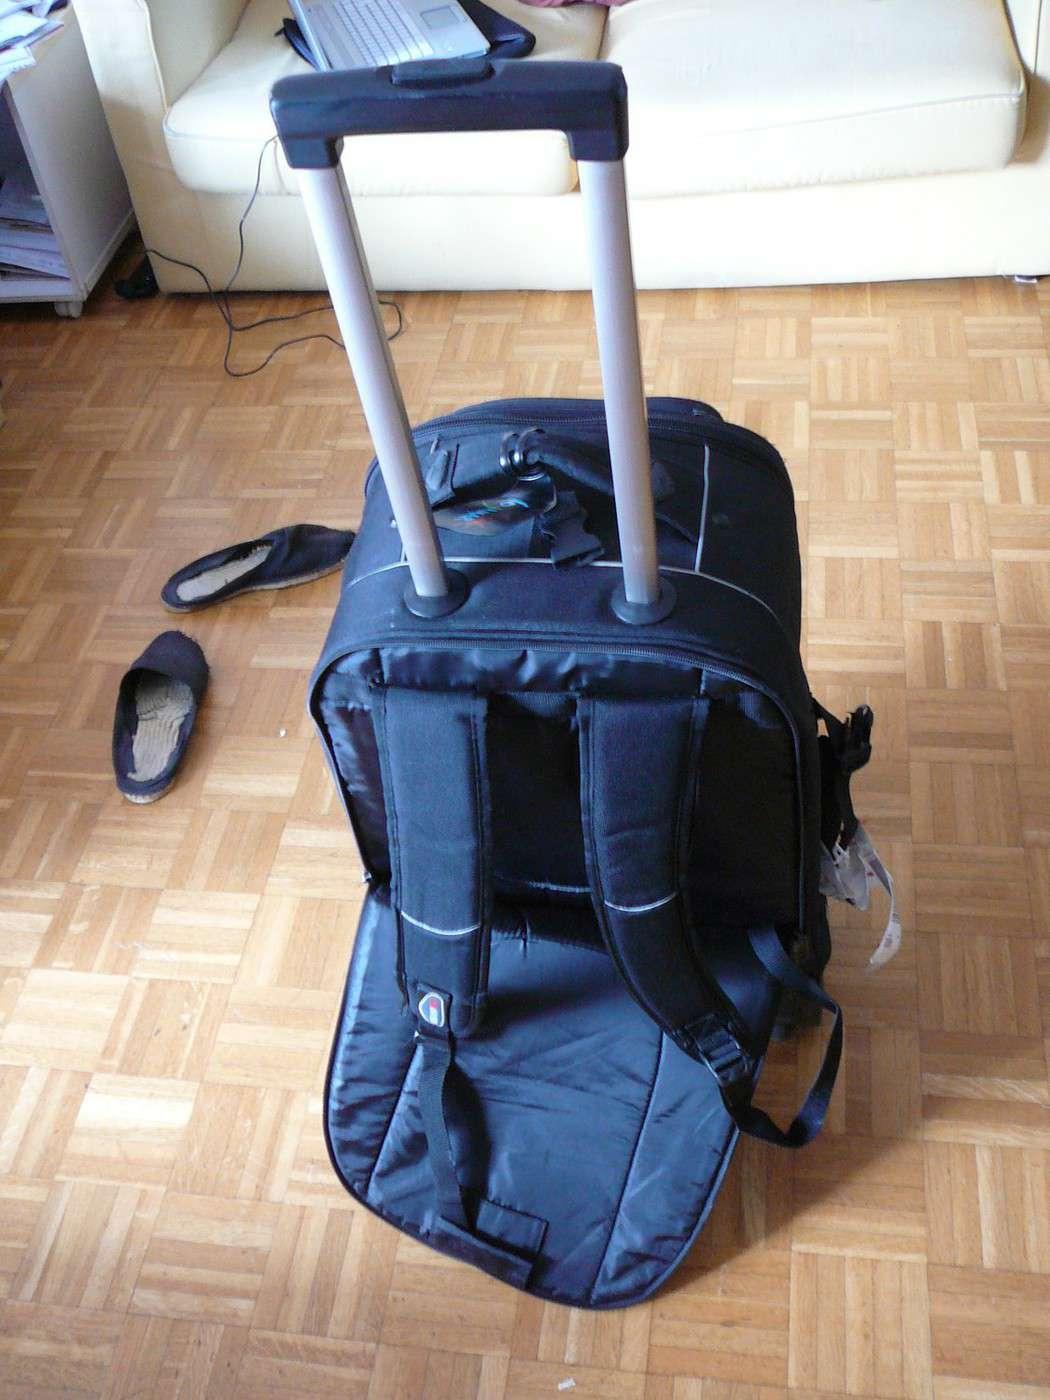 trouver une valise convertible en sac dos avec roulettes en france. Black Bedroom Furniture Sets. Home Design Ideas